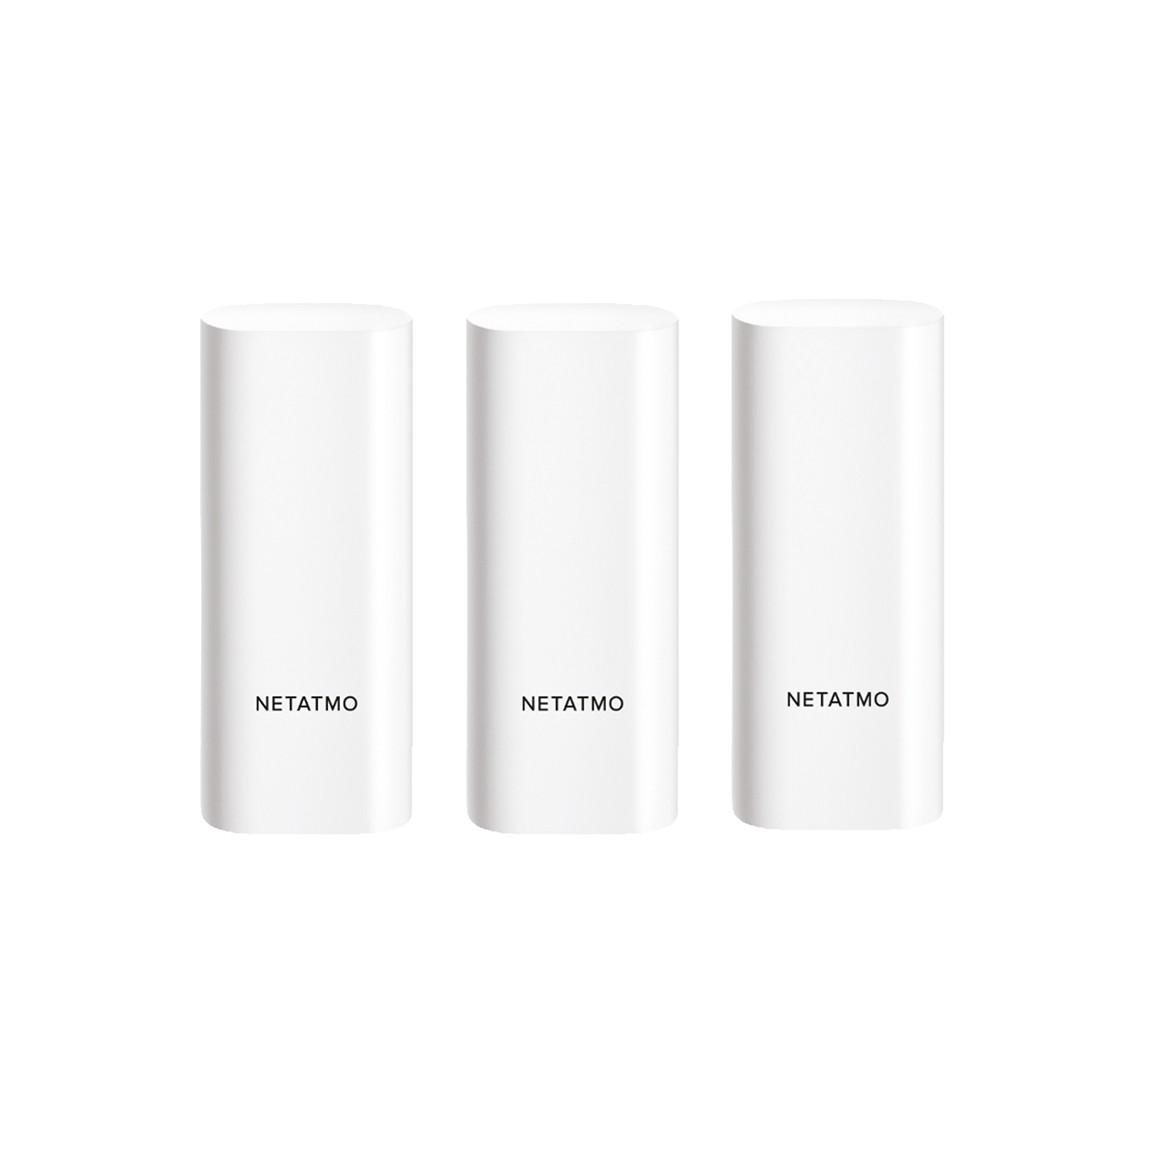 Netatmo Smarte Tür- und Fenstersensoren 3er-Pack Öffnungsmelder für Fensterstatus